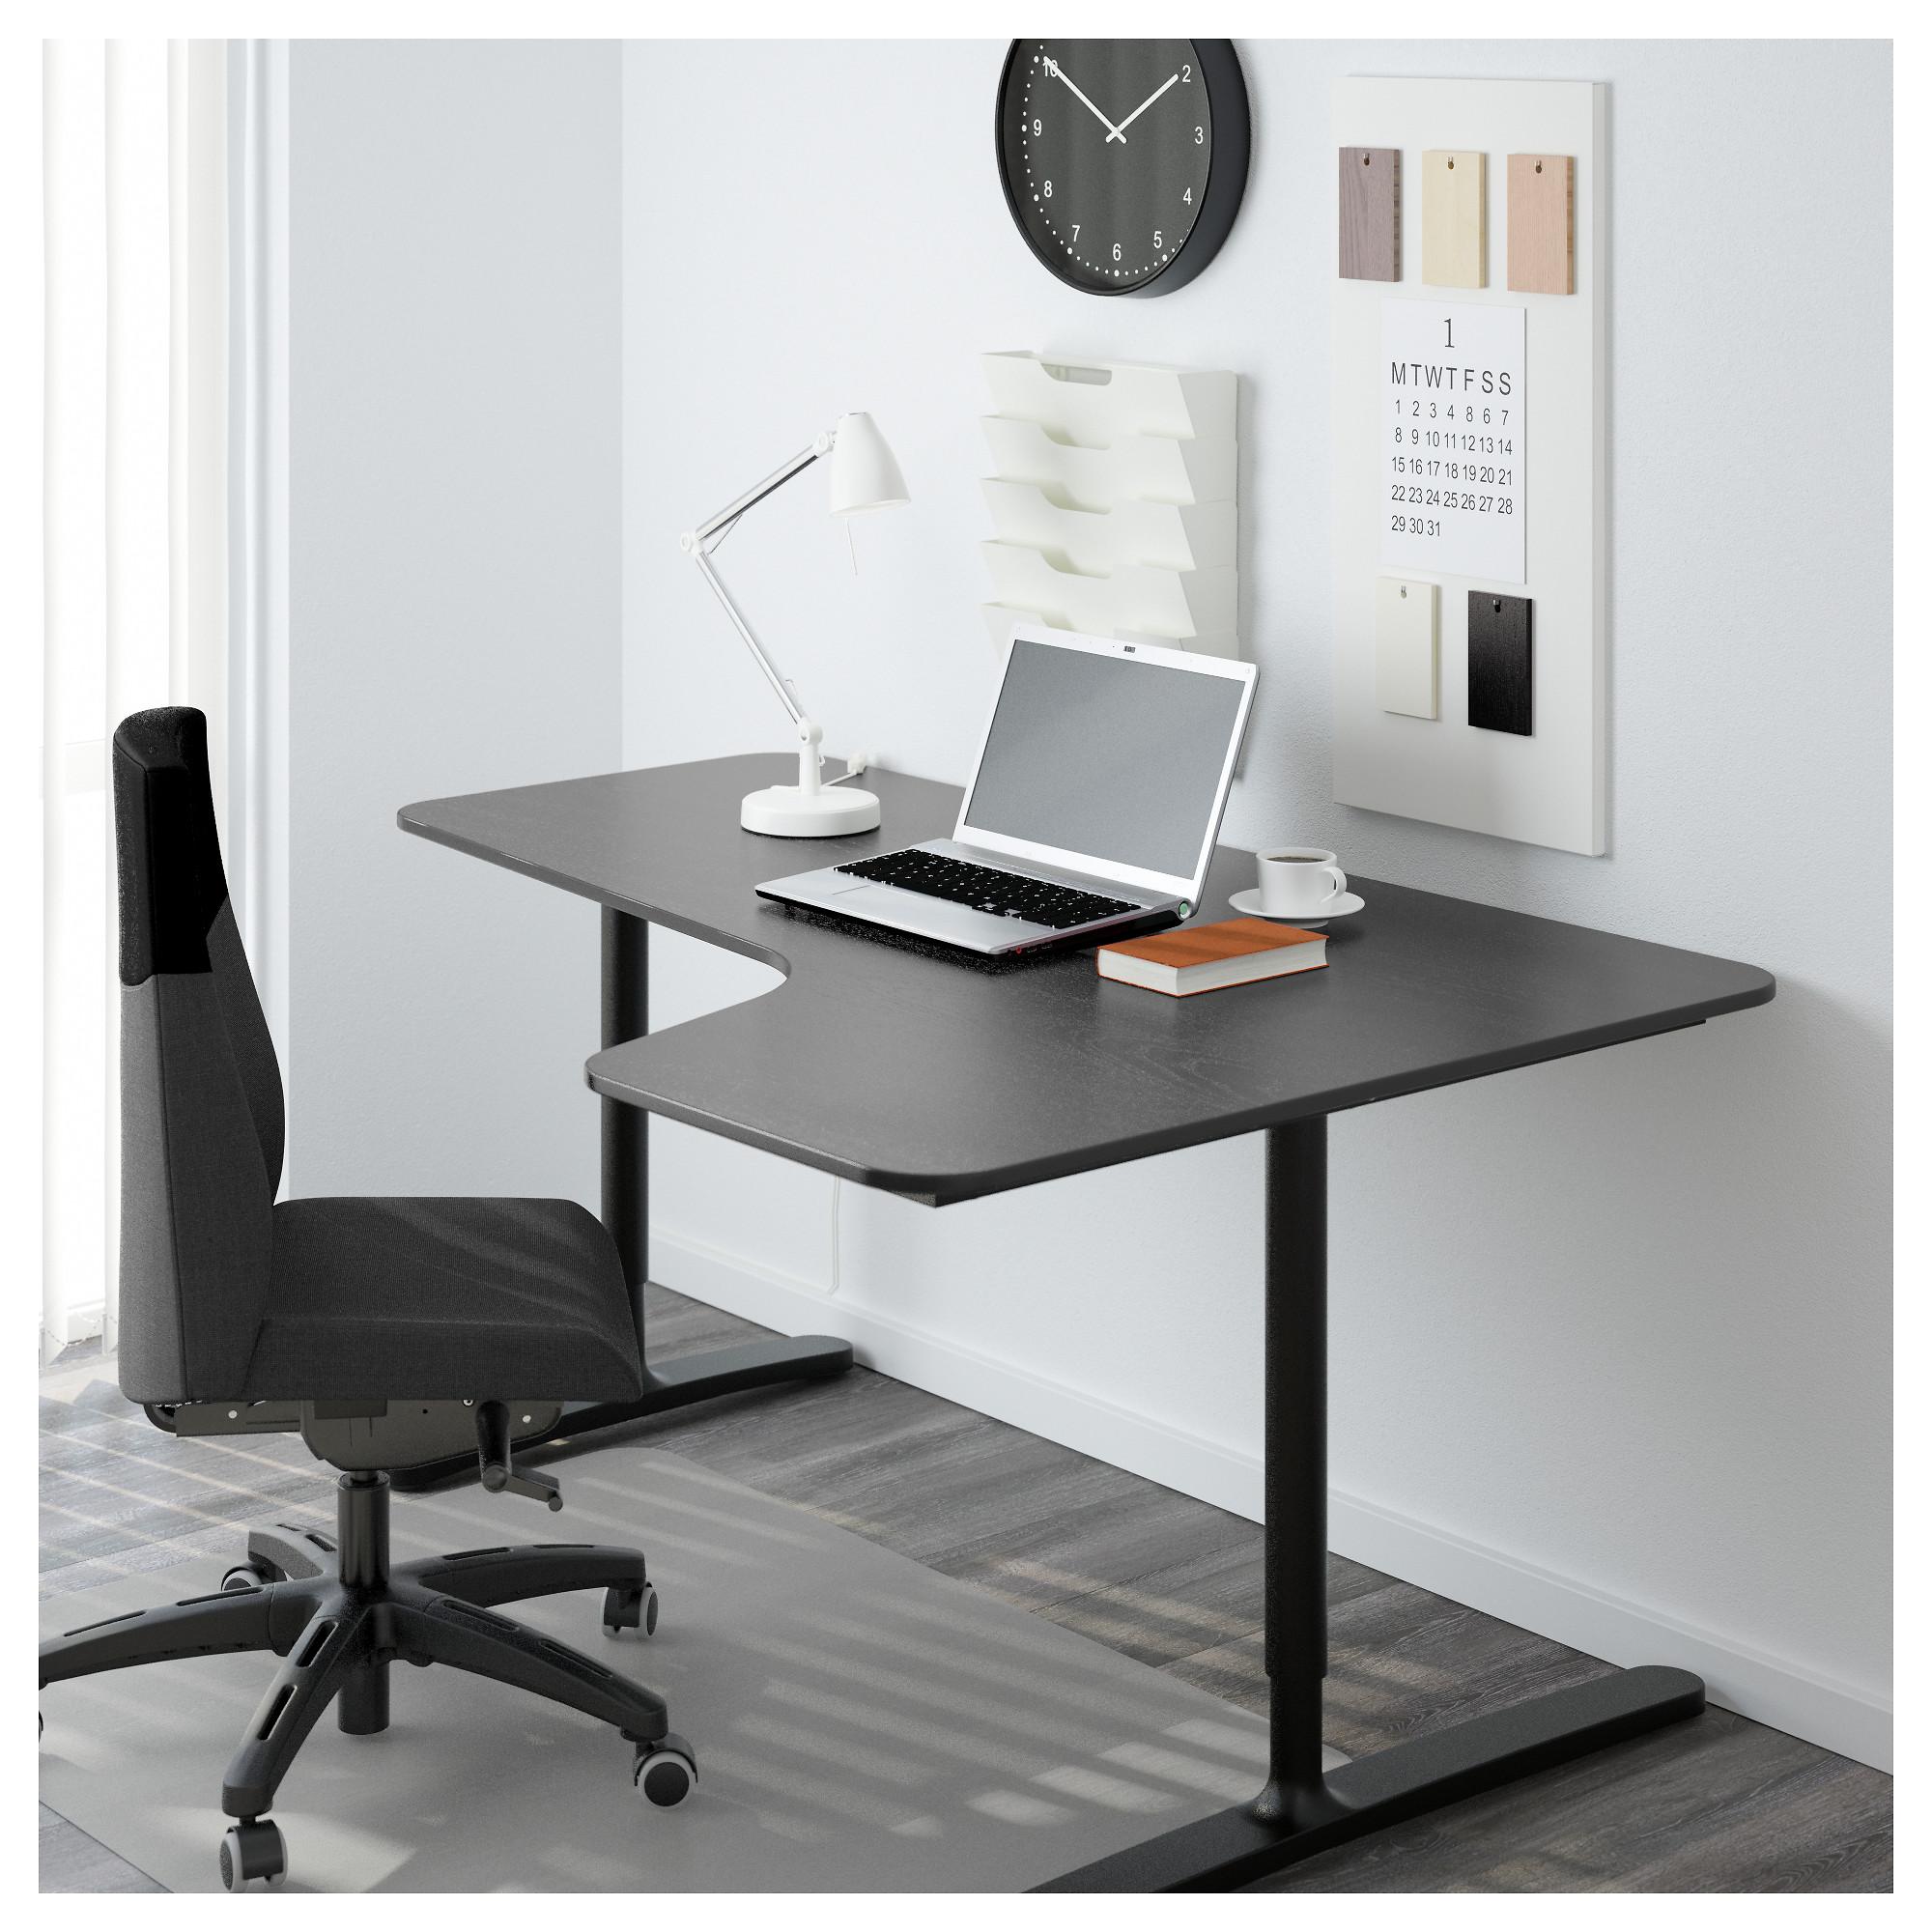 Угловой письменный стол правосторонний БЕКАНТ черный артикуль № 192.784.46 в наличии. Интернет магазин IKEA РБ. Недорогая доставка и монтаж.